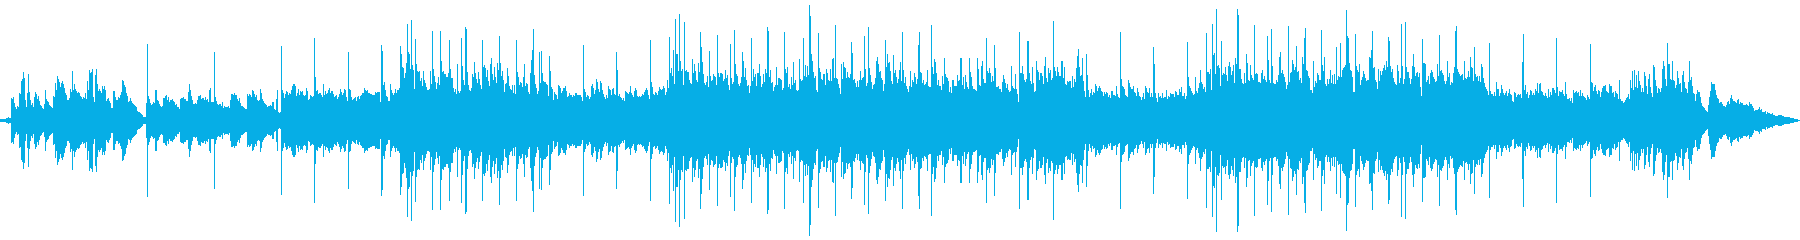 フルオーケストラのバラード。ノスタ...の再生済みの波形